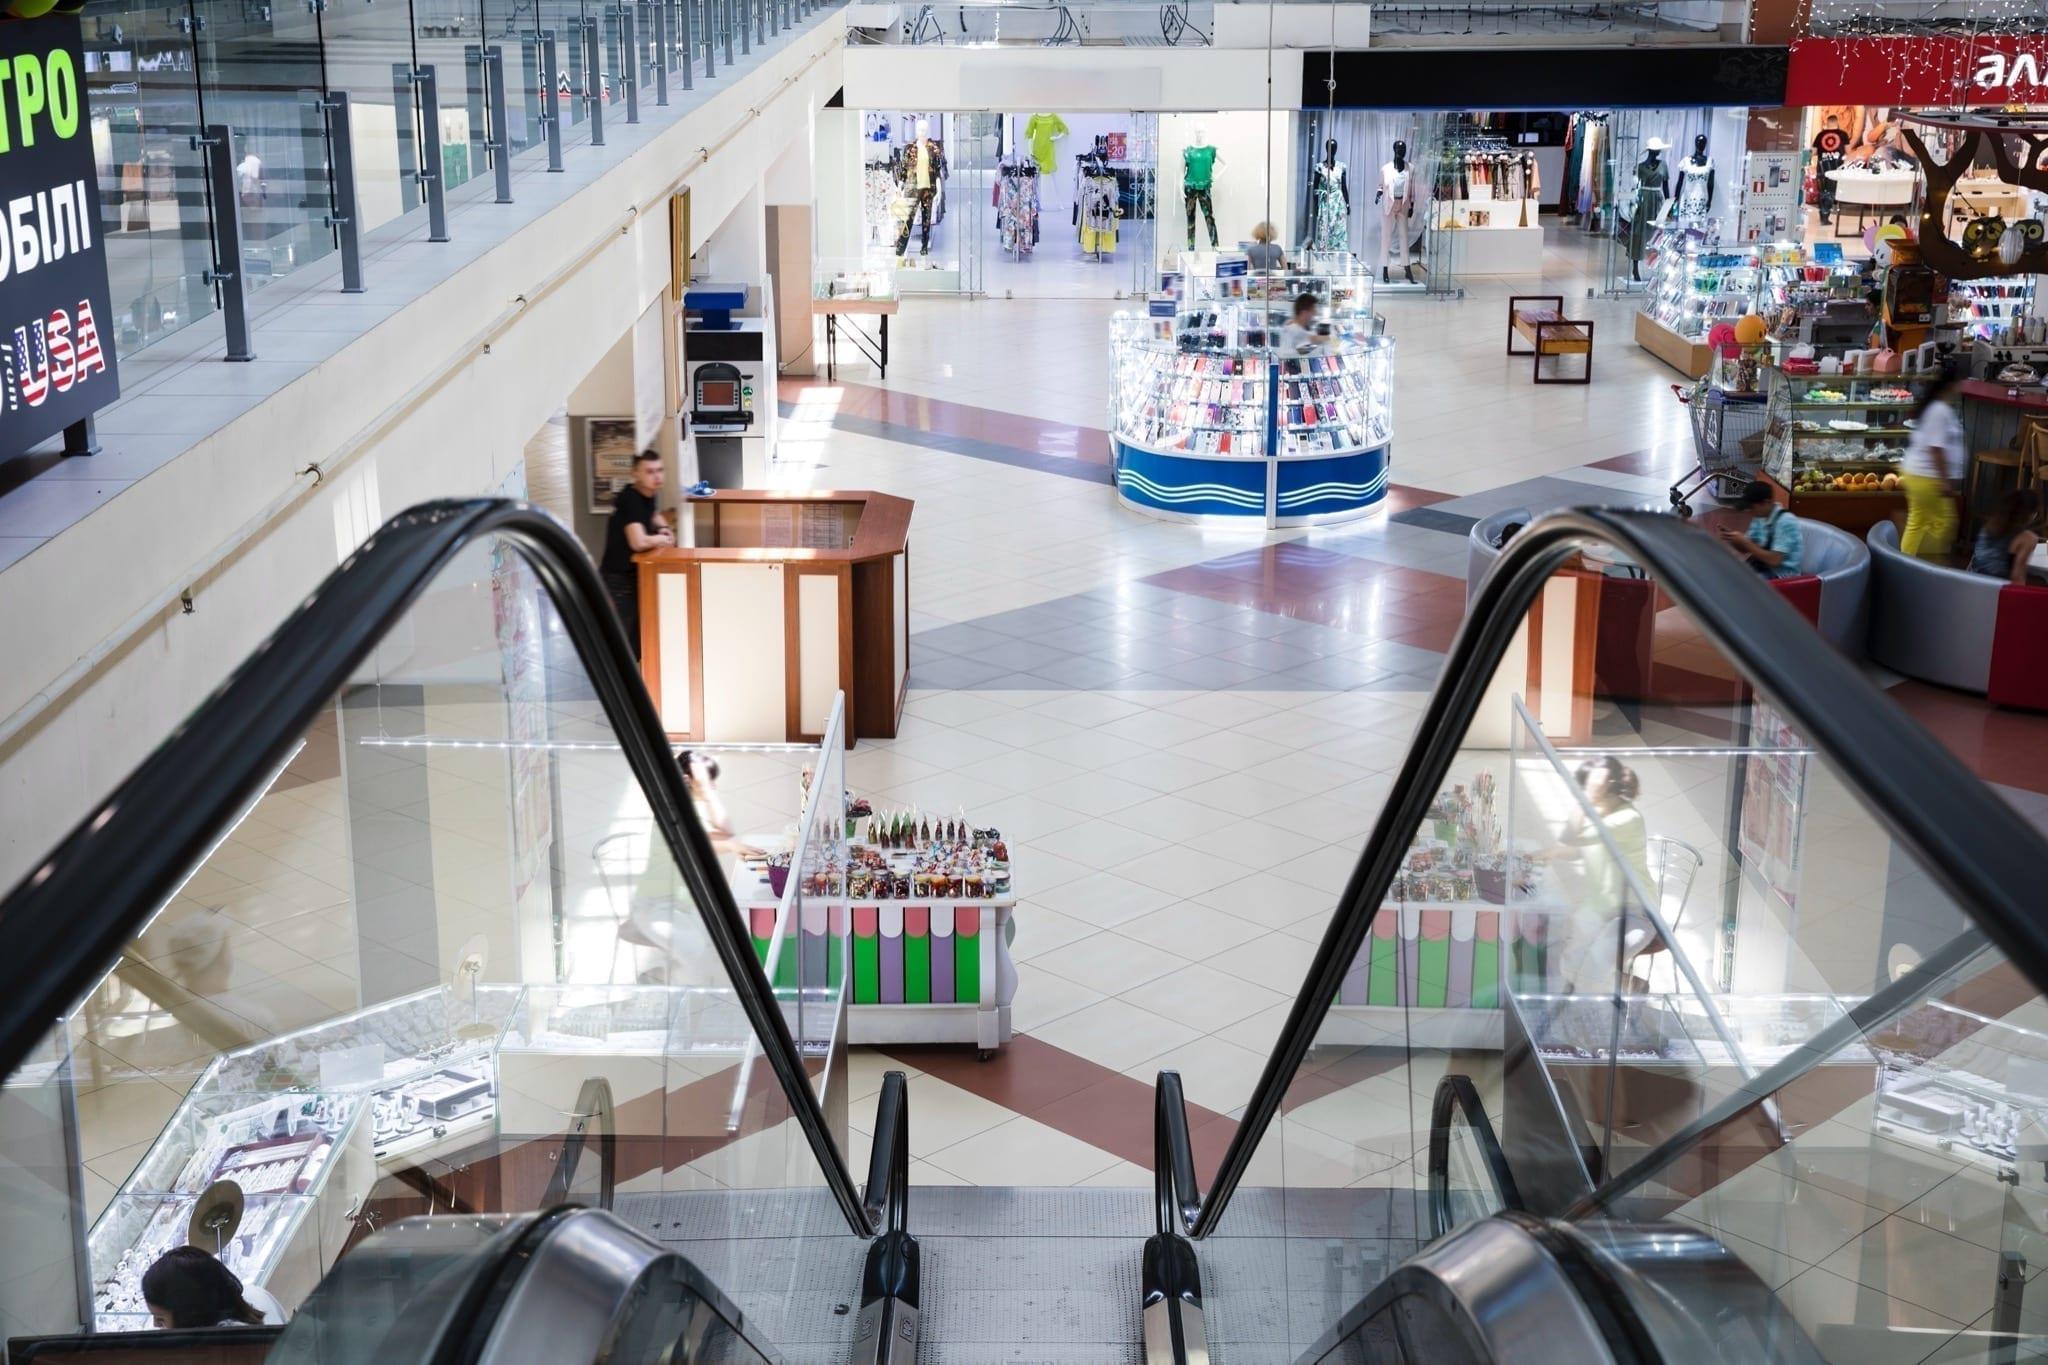 shopping2 - Investițiile în centre comerciale continuă cu accent pe digitalizare